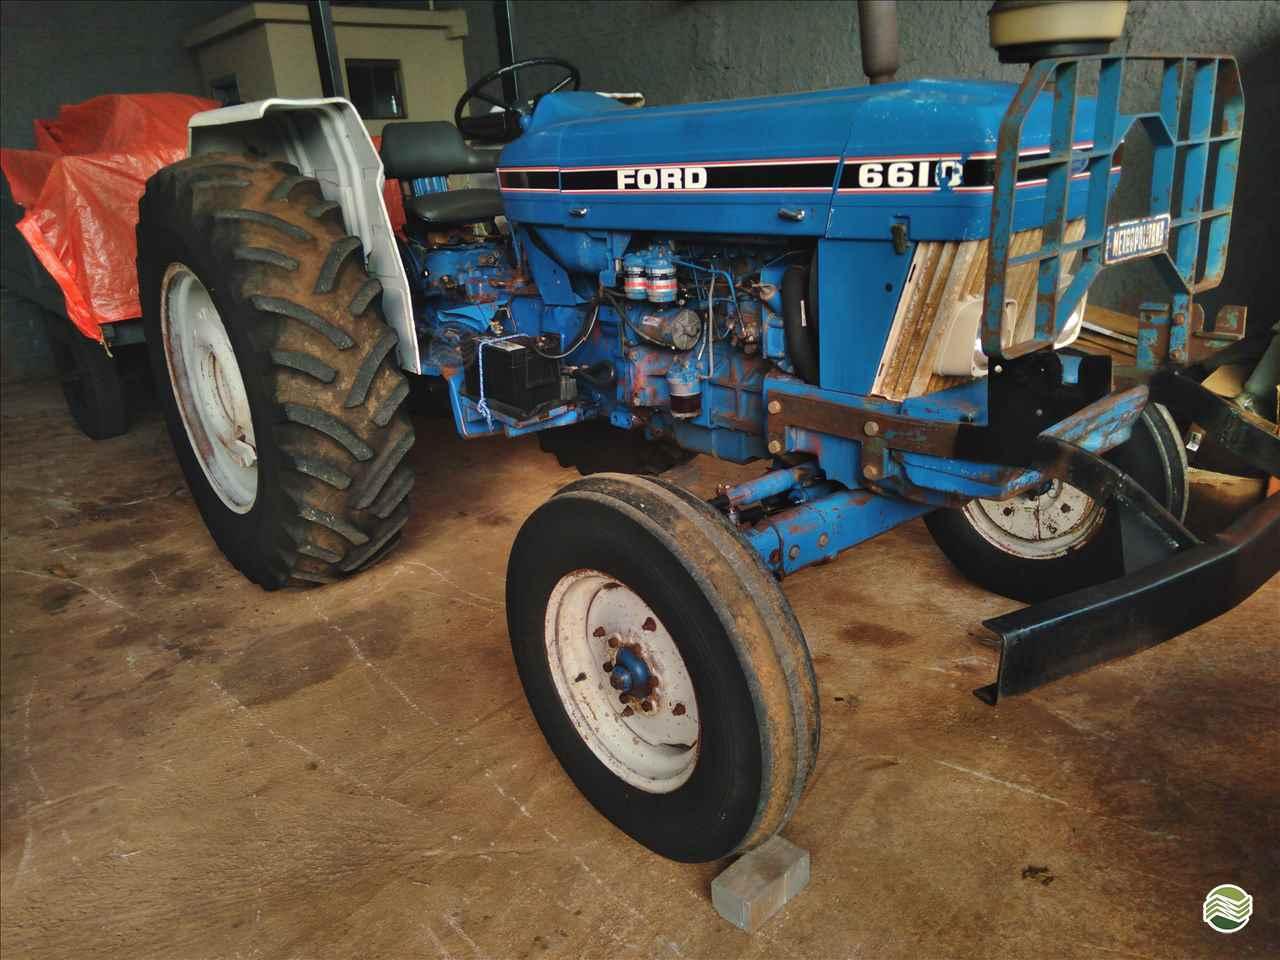 TRATOR FORD FORD 6610 Tração 4x2 Central Agro CASCAVEL PARANÁ PR